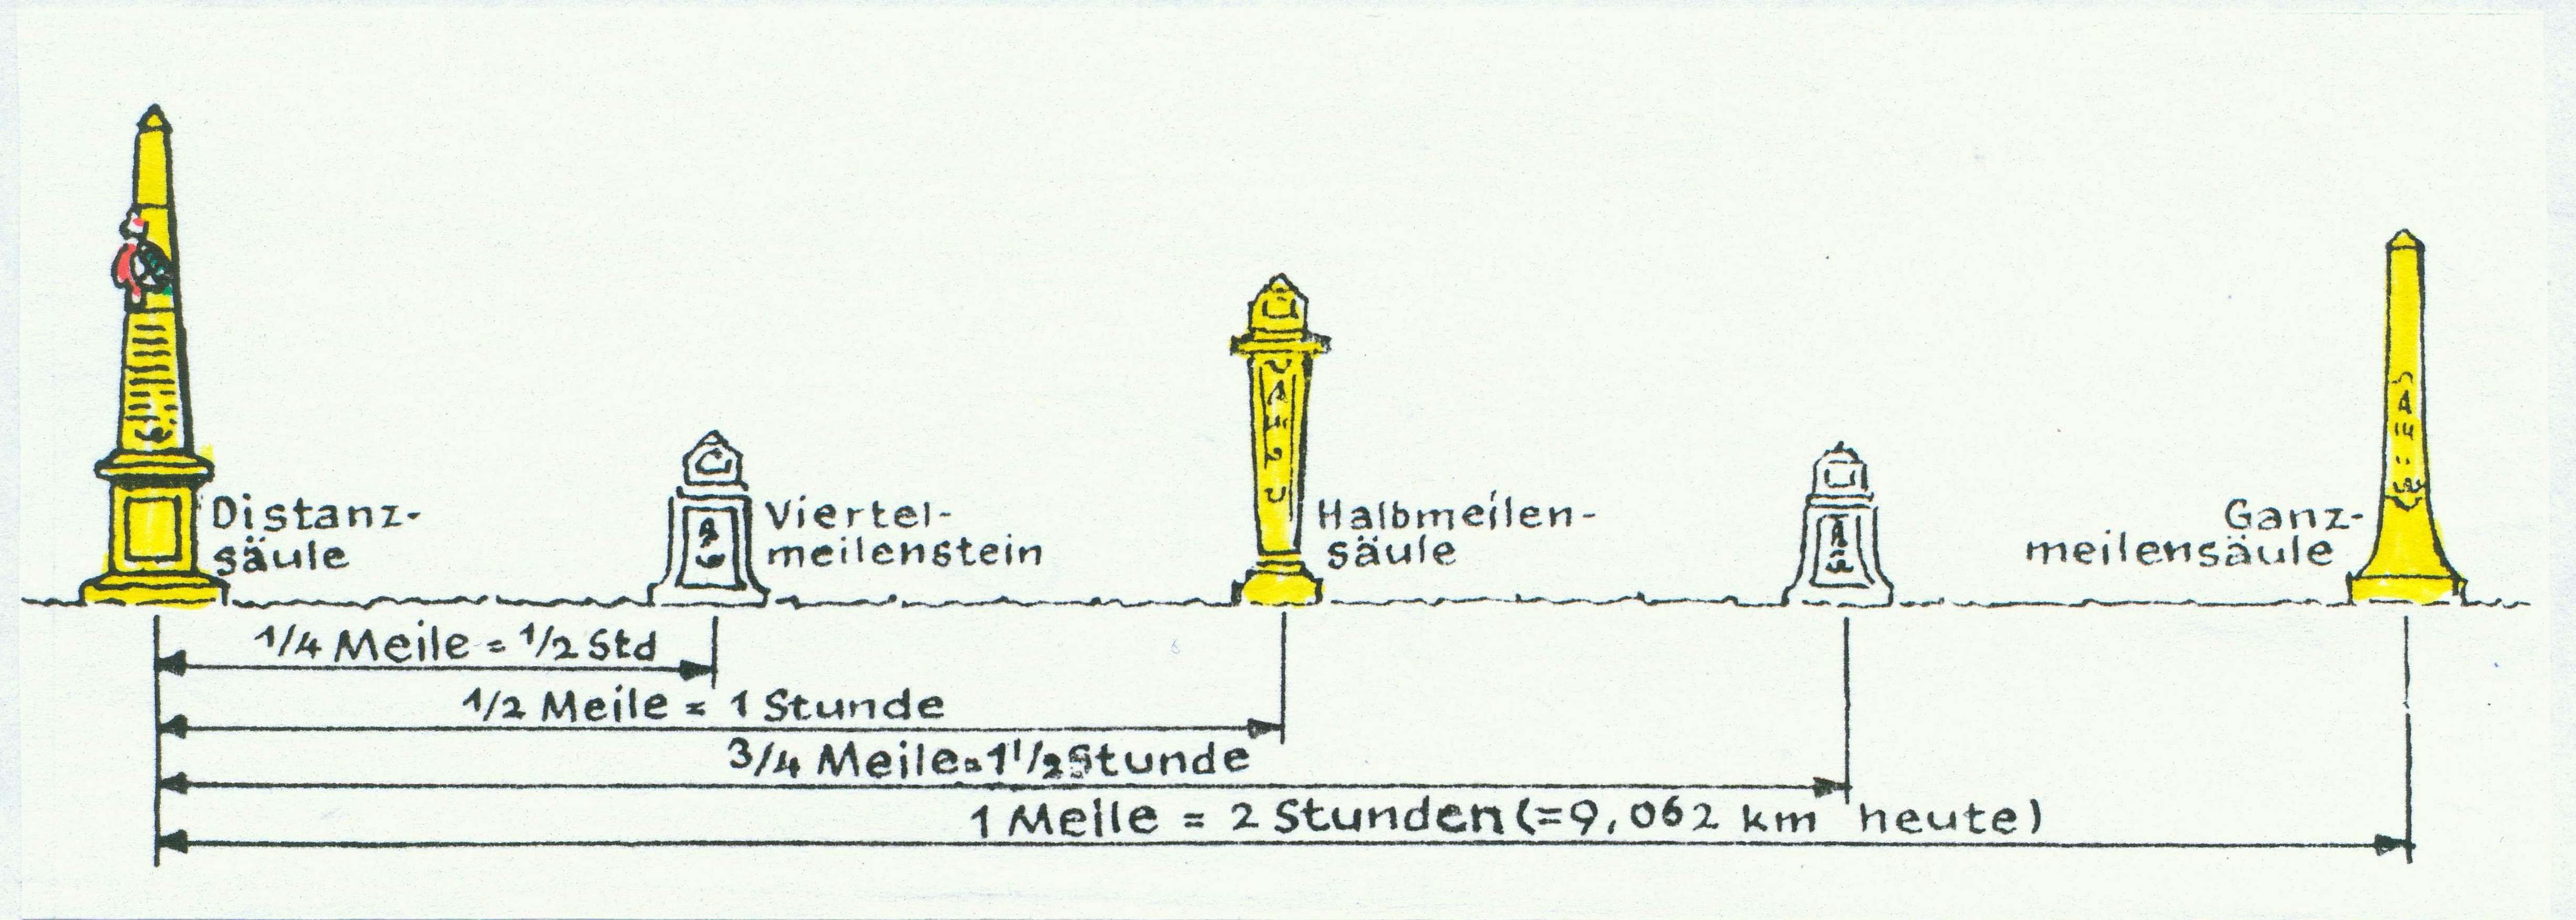 bild06_postmeilensaeulen_zuerner1717